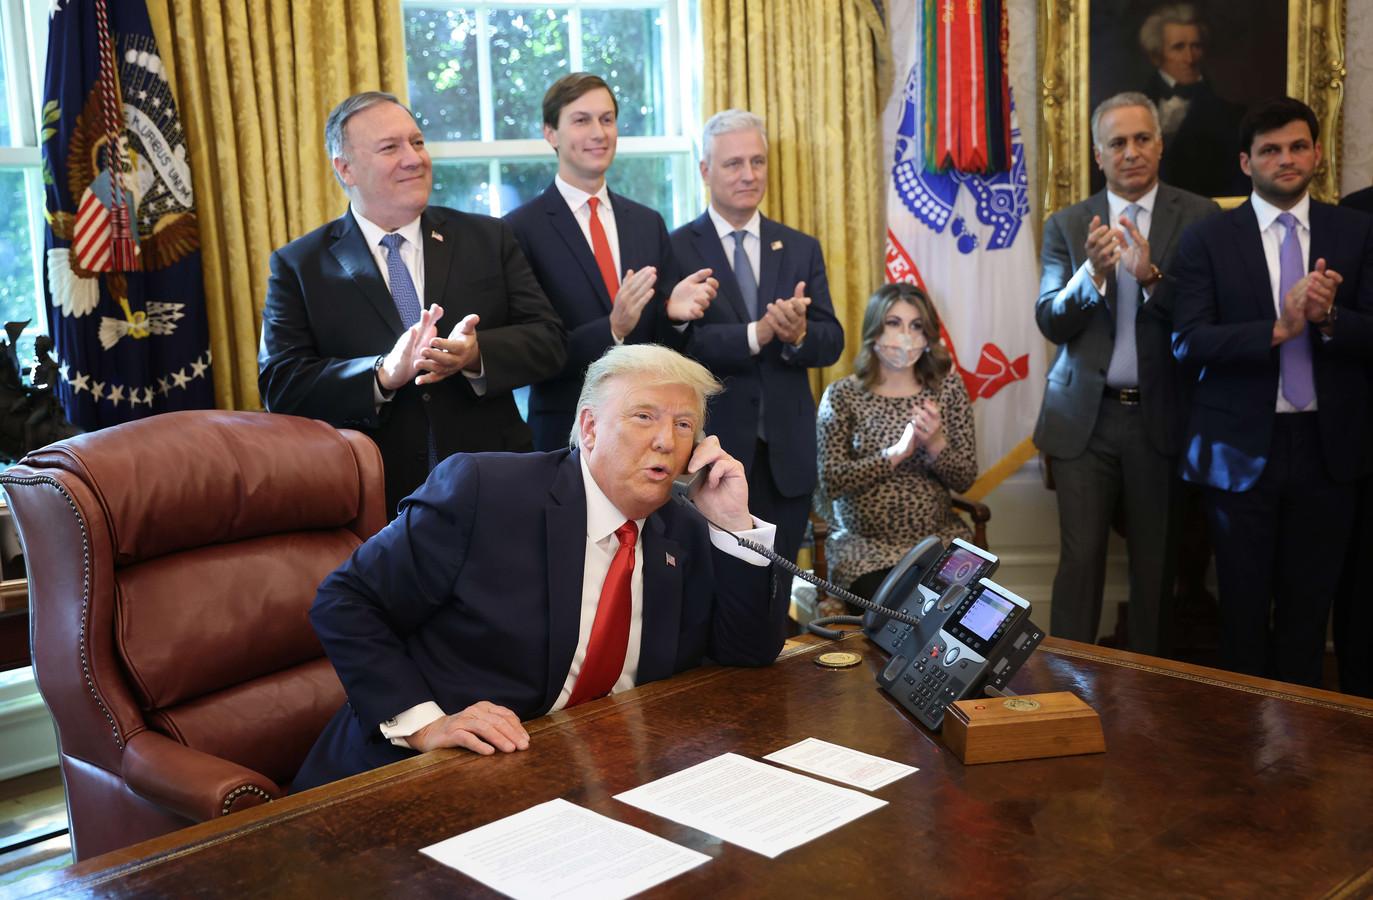 Journalisten mochten het Oval Office van Trump binnengaan tijdens het historische telefoongesprek.